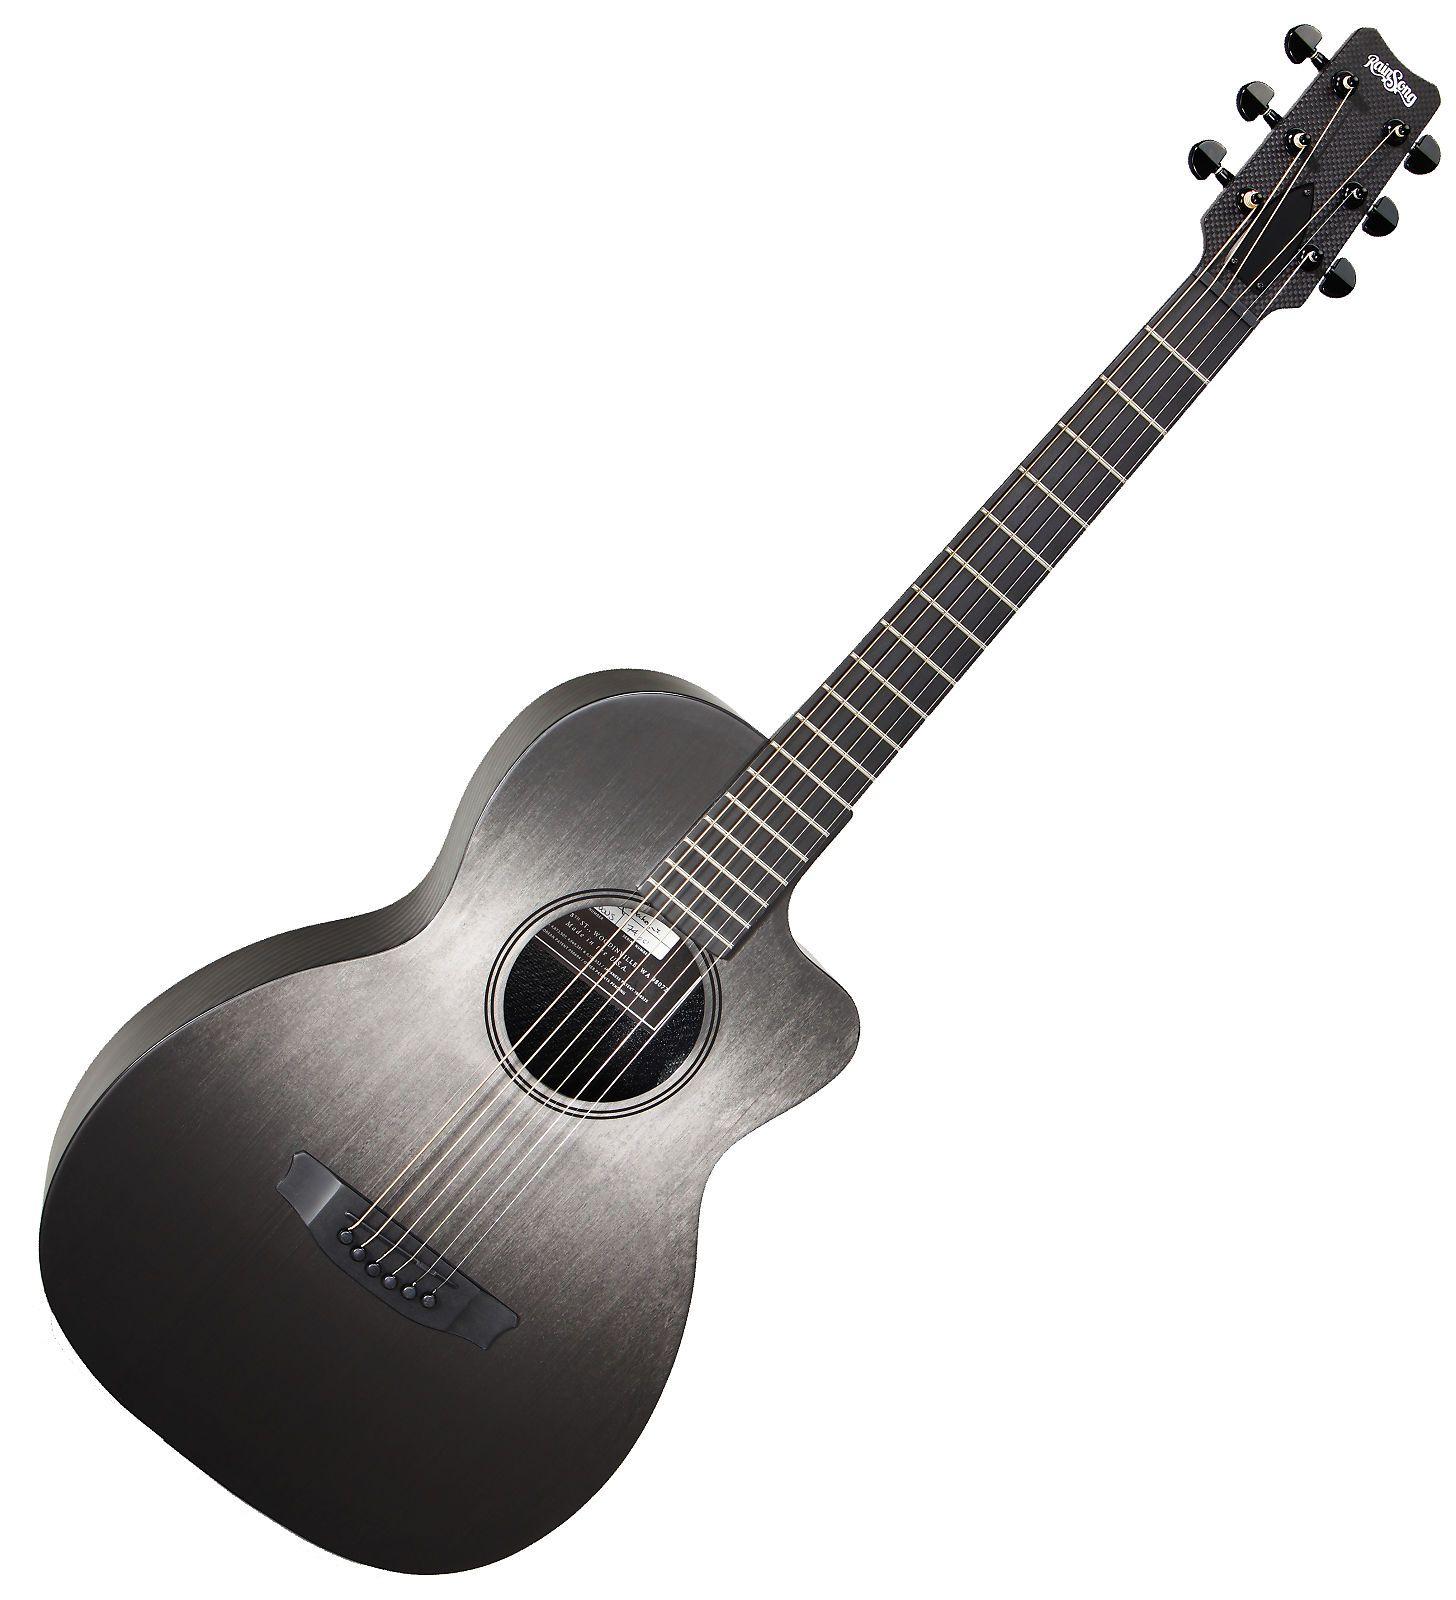 Rainsong Ch Pa1100nsg Concert Hybrid Parlor Carbon Reverb Concert Acoustic Guitar Acoustic